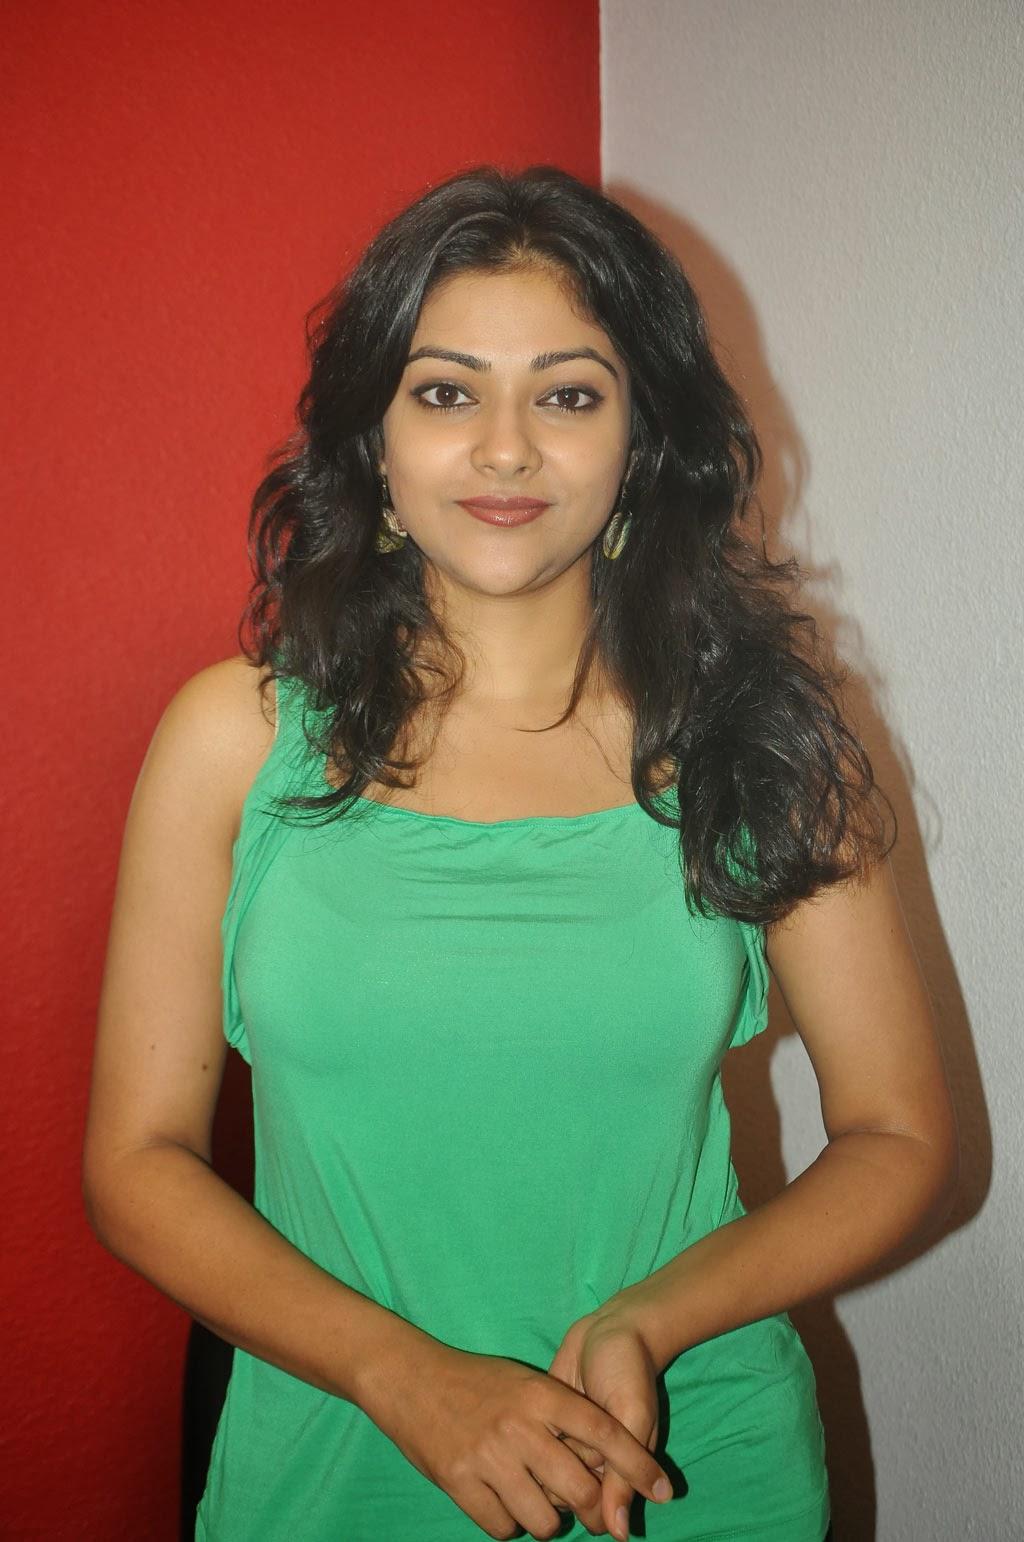 Abhirami photos in green sleeveless top